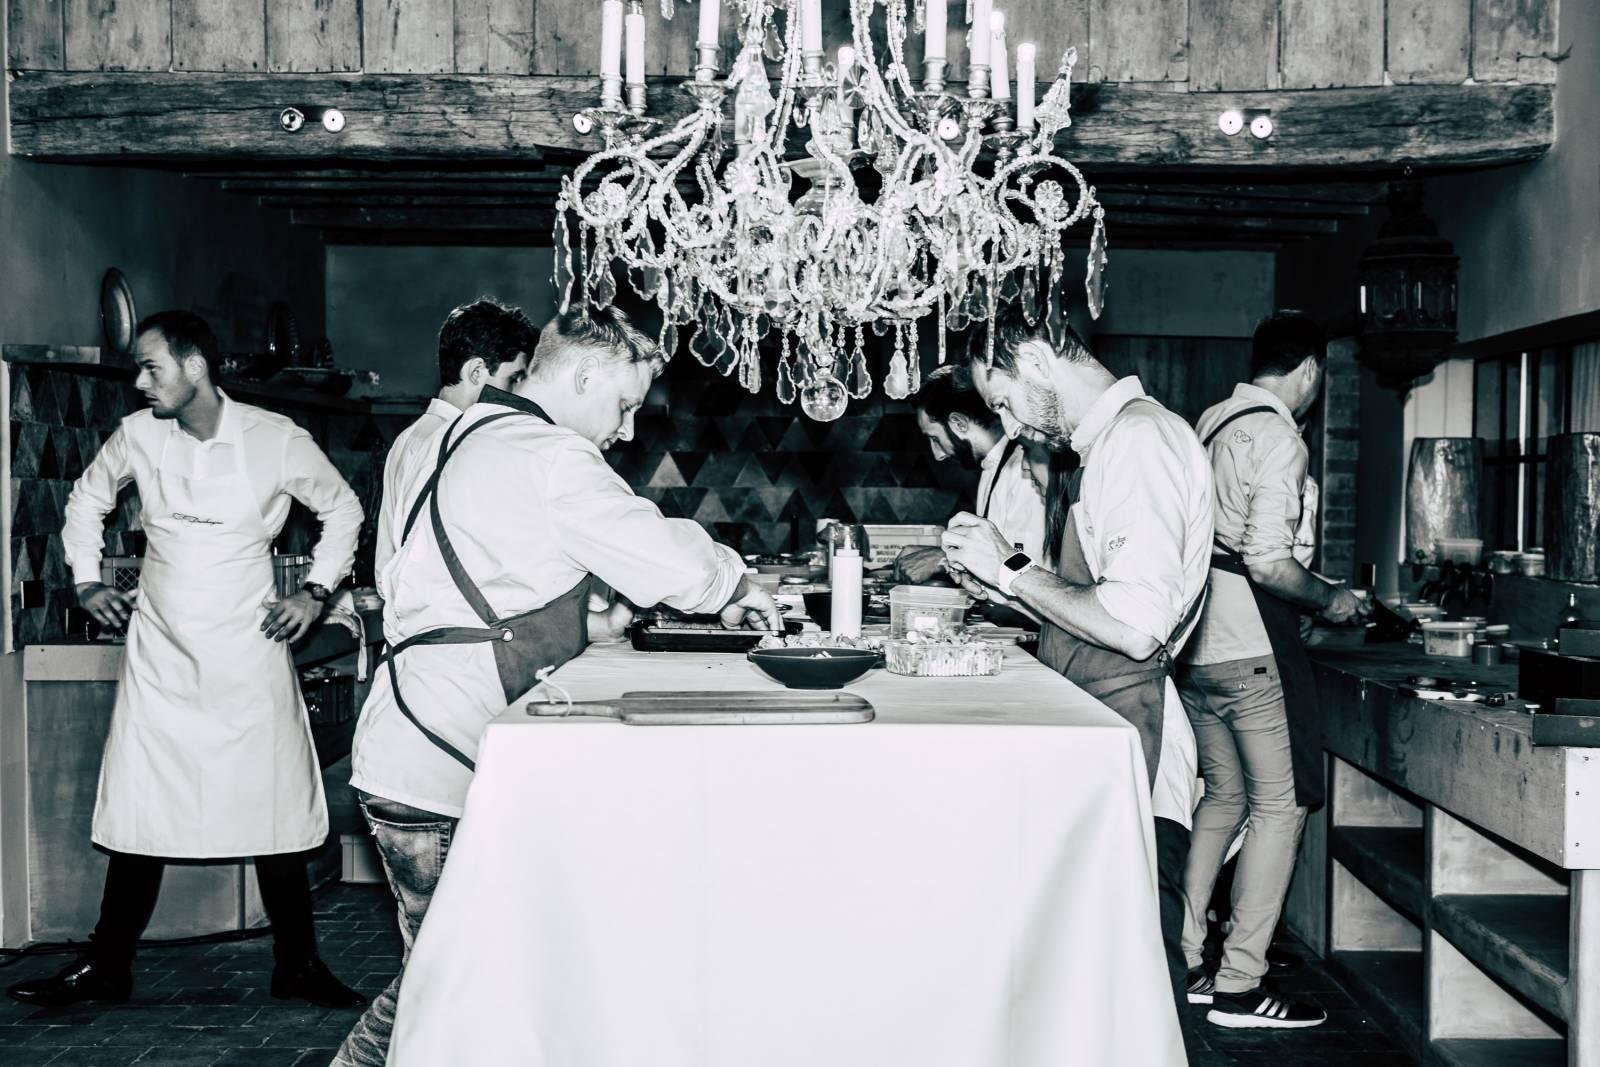 Atelier Ducheyne - Catering - Traiteur - Cateraar - House of Weddings - 2